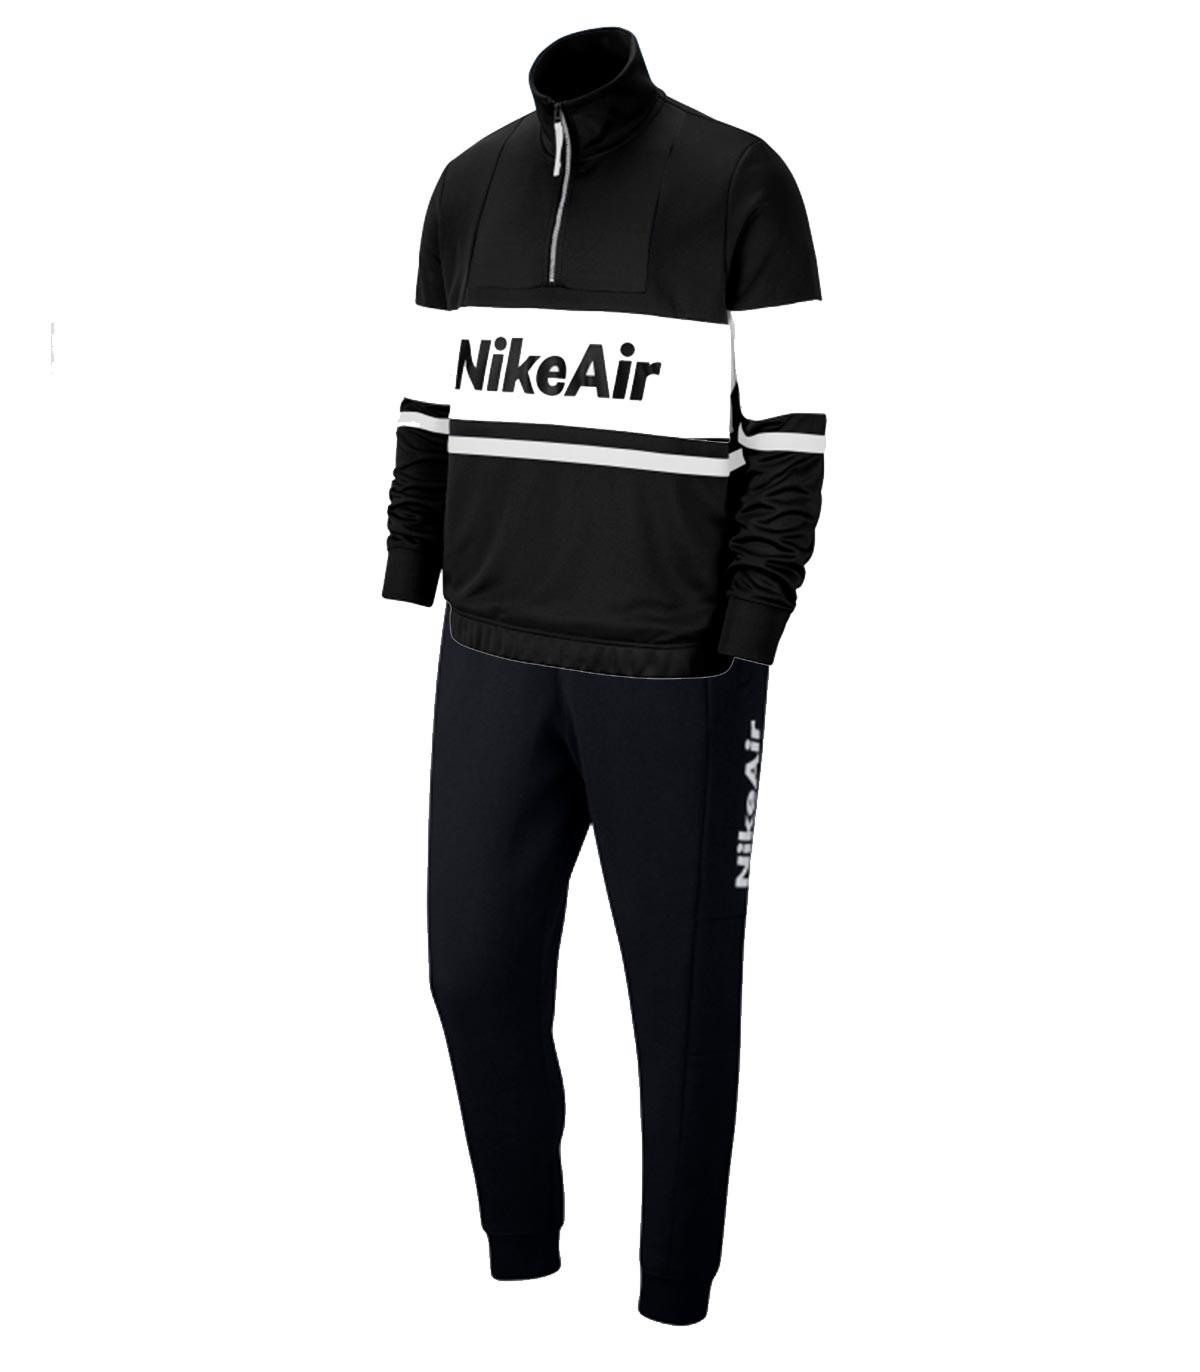 Gato de salto lamentar dividendo  Comprar Chandal Nike Air   NIKE MODA